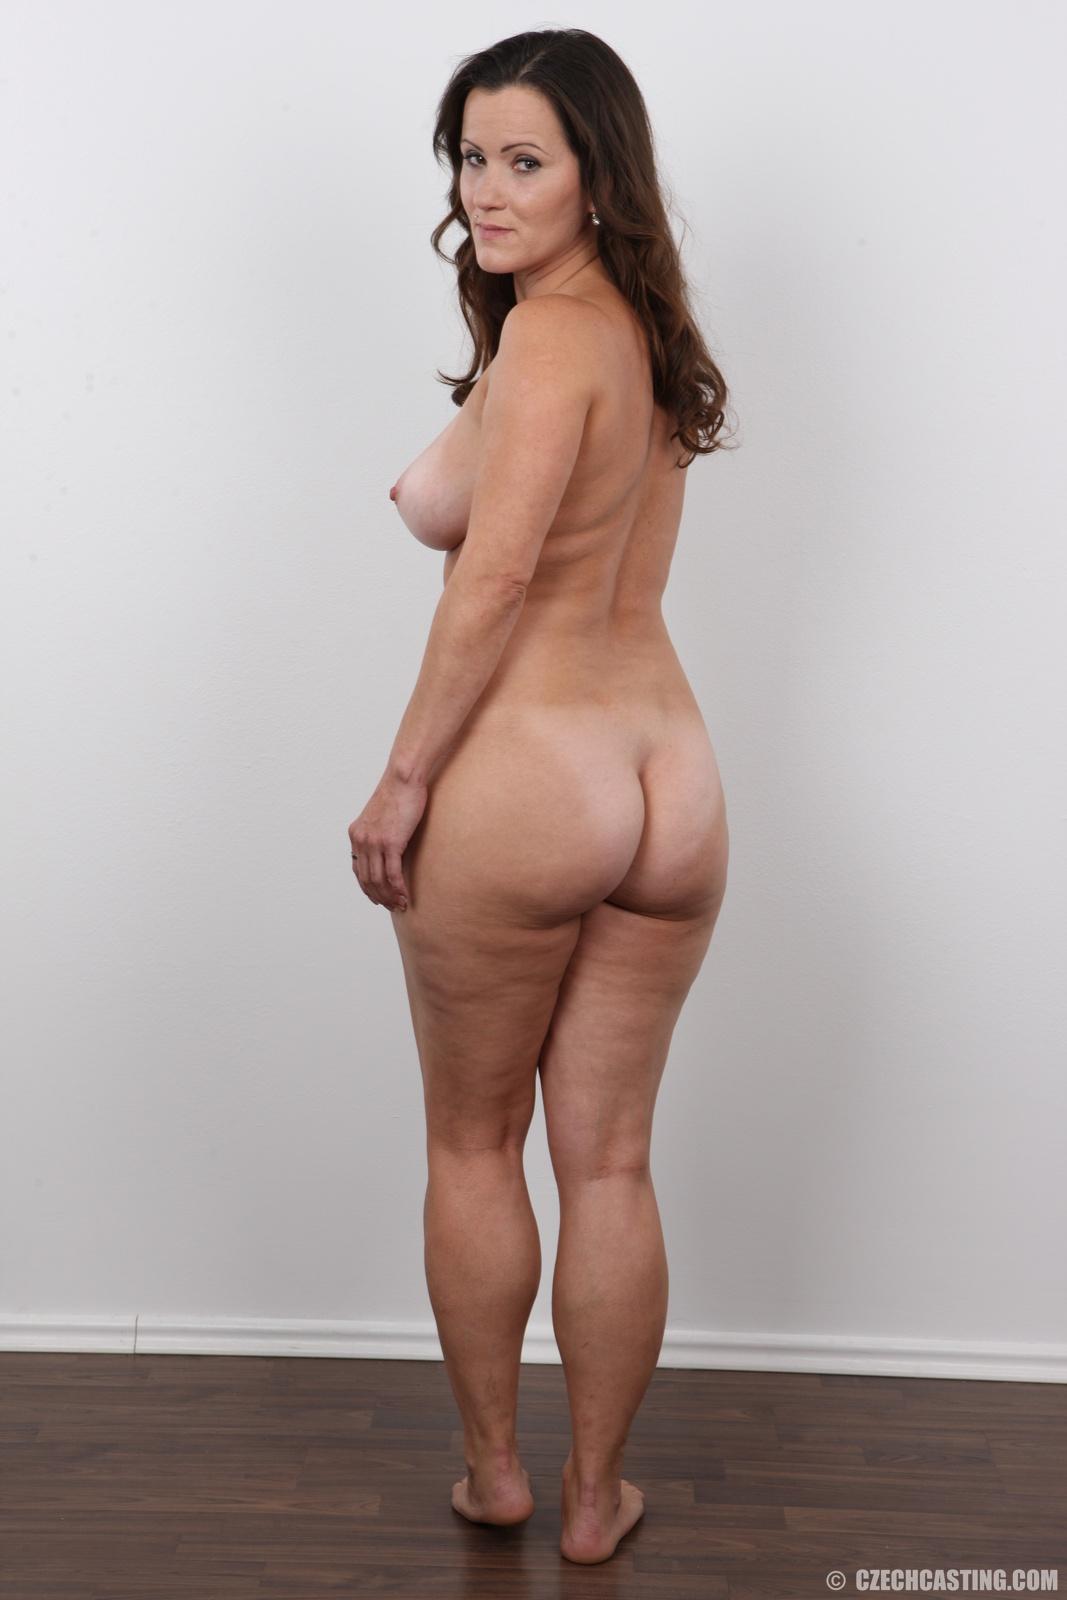 Milf big tits anal porn